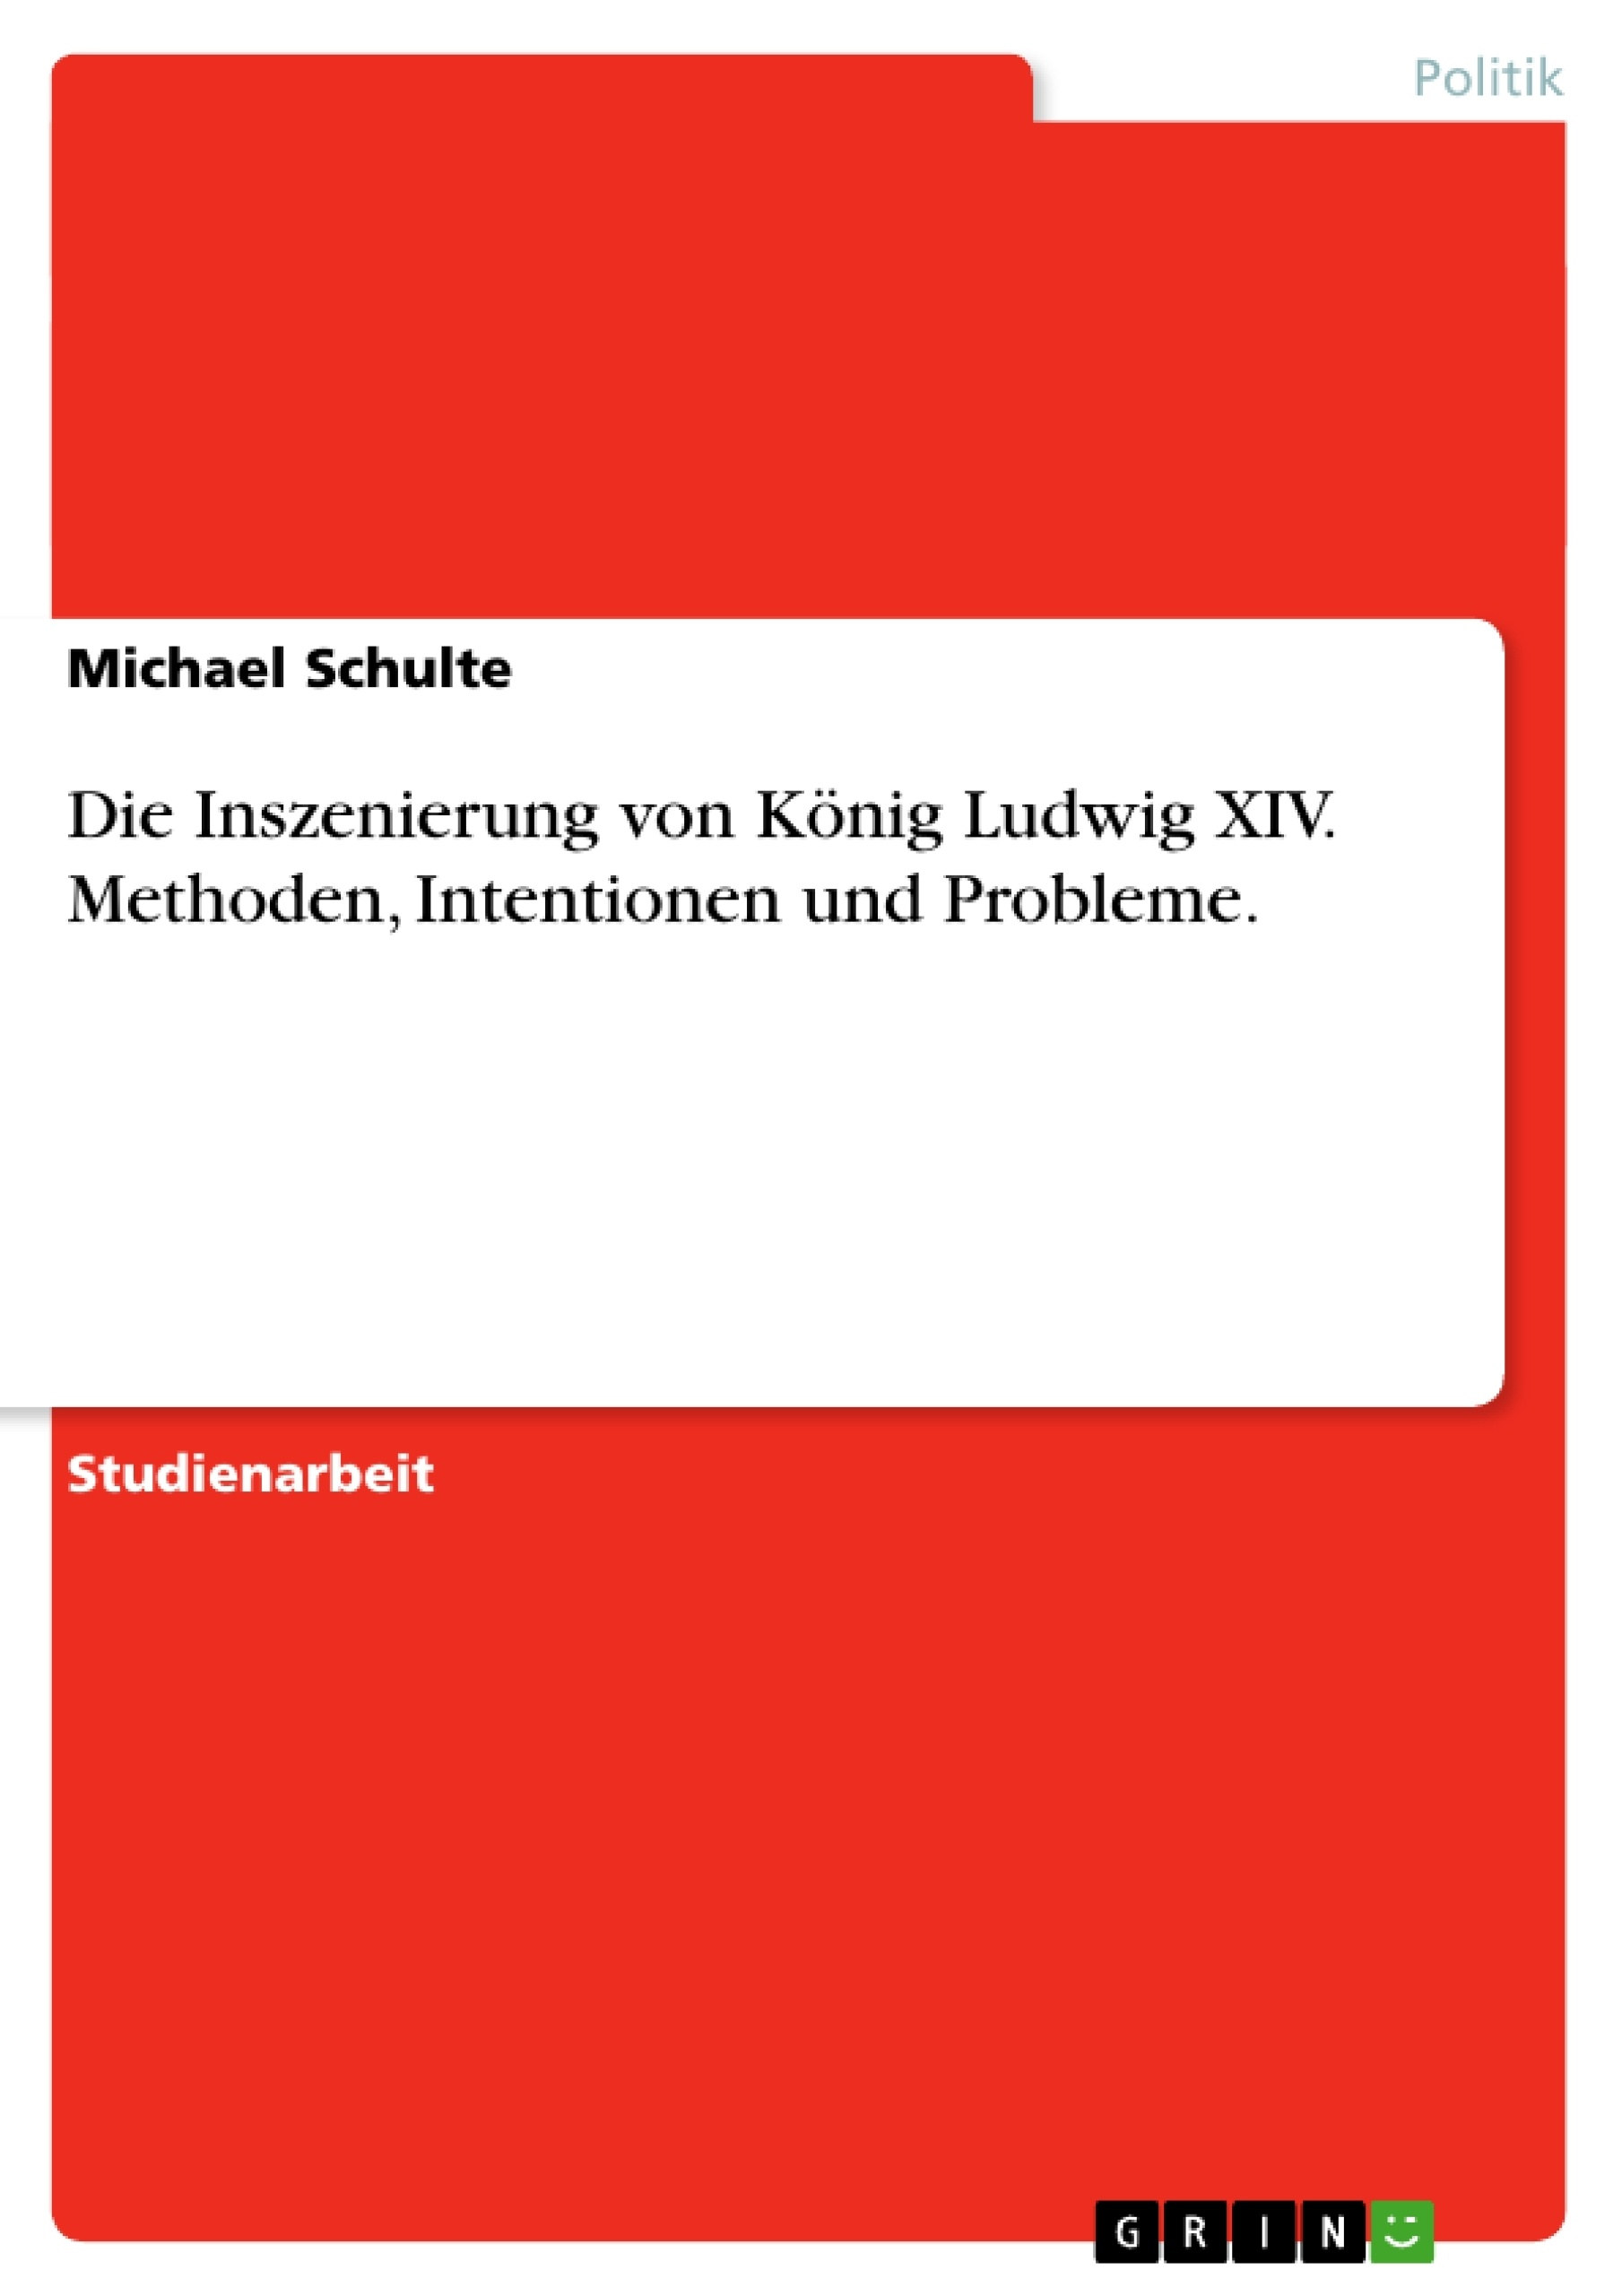 Titel: Die Inszenierung von König Ludwig XIV. Methoden, Intentionen und Probleme.